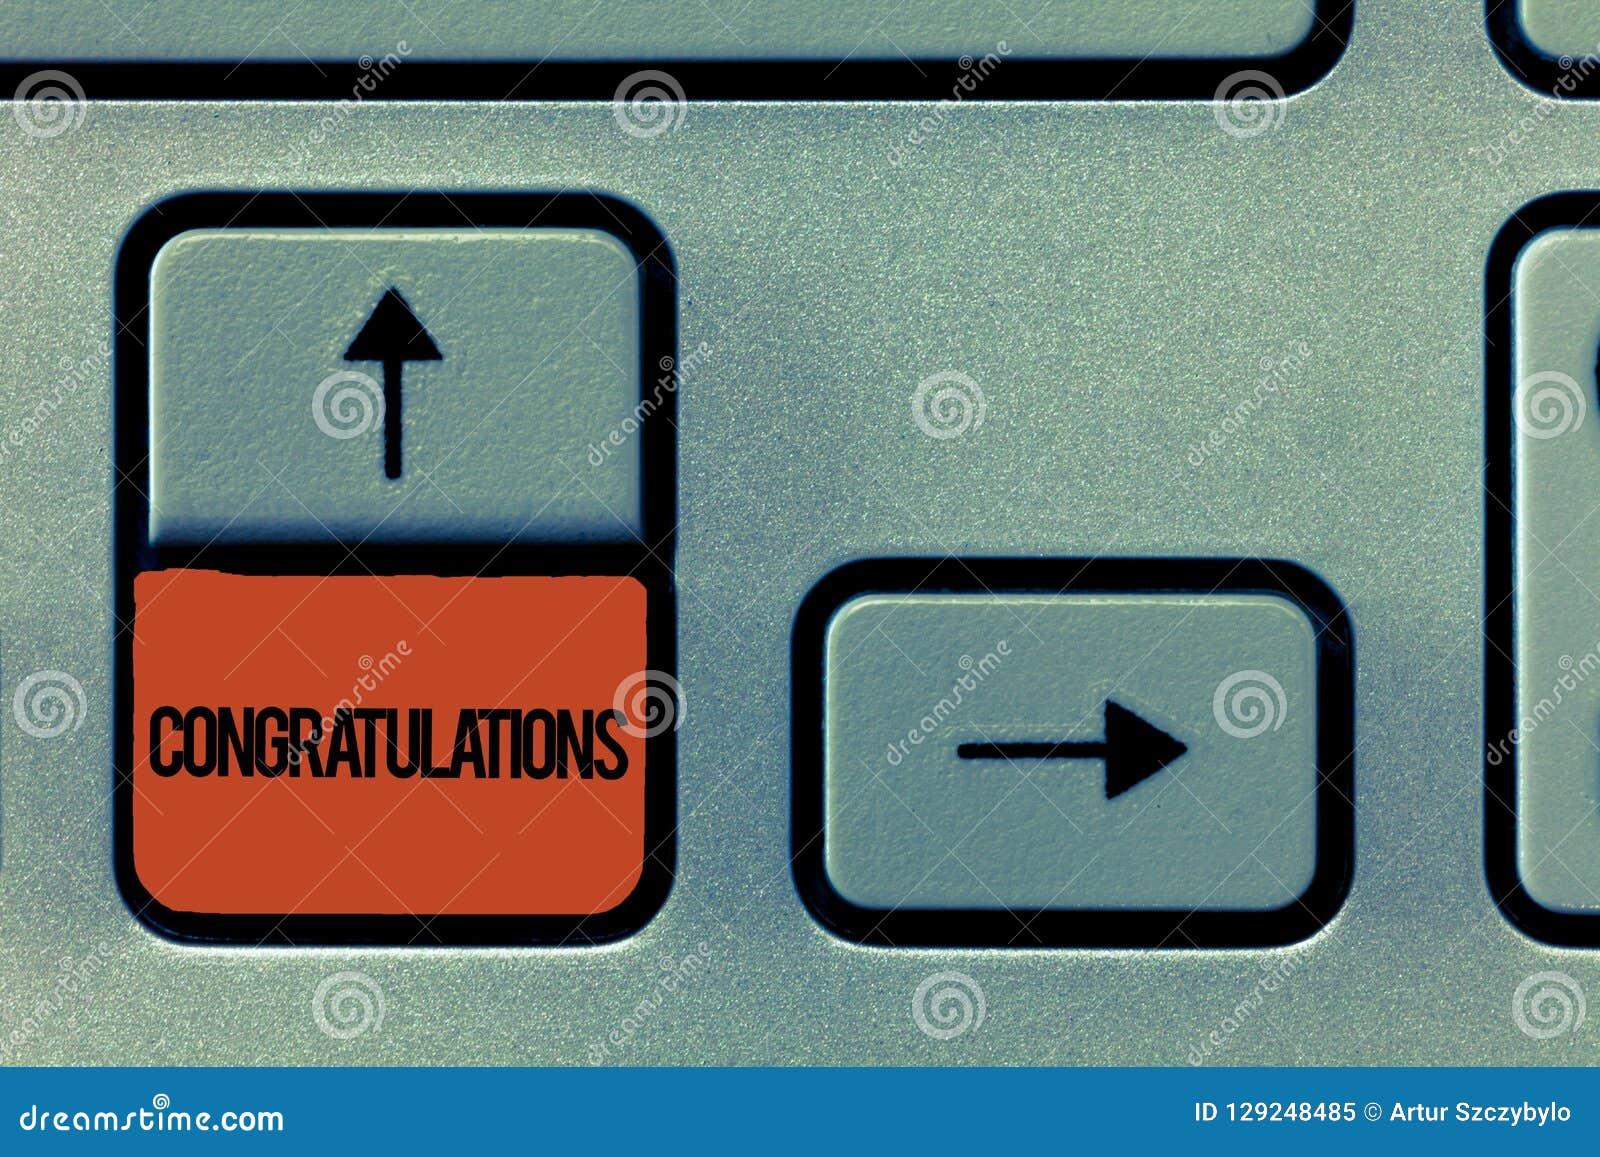 Συγχαρητήρια κειμένων γραφής Έννοια που σημαίνει εκφράζοντας τον έπαινο για ένα επίτευγμα κάποιου καλές επιθυμίες